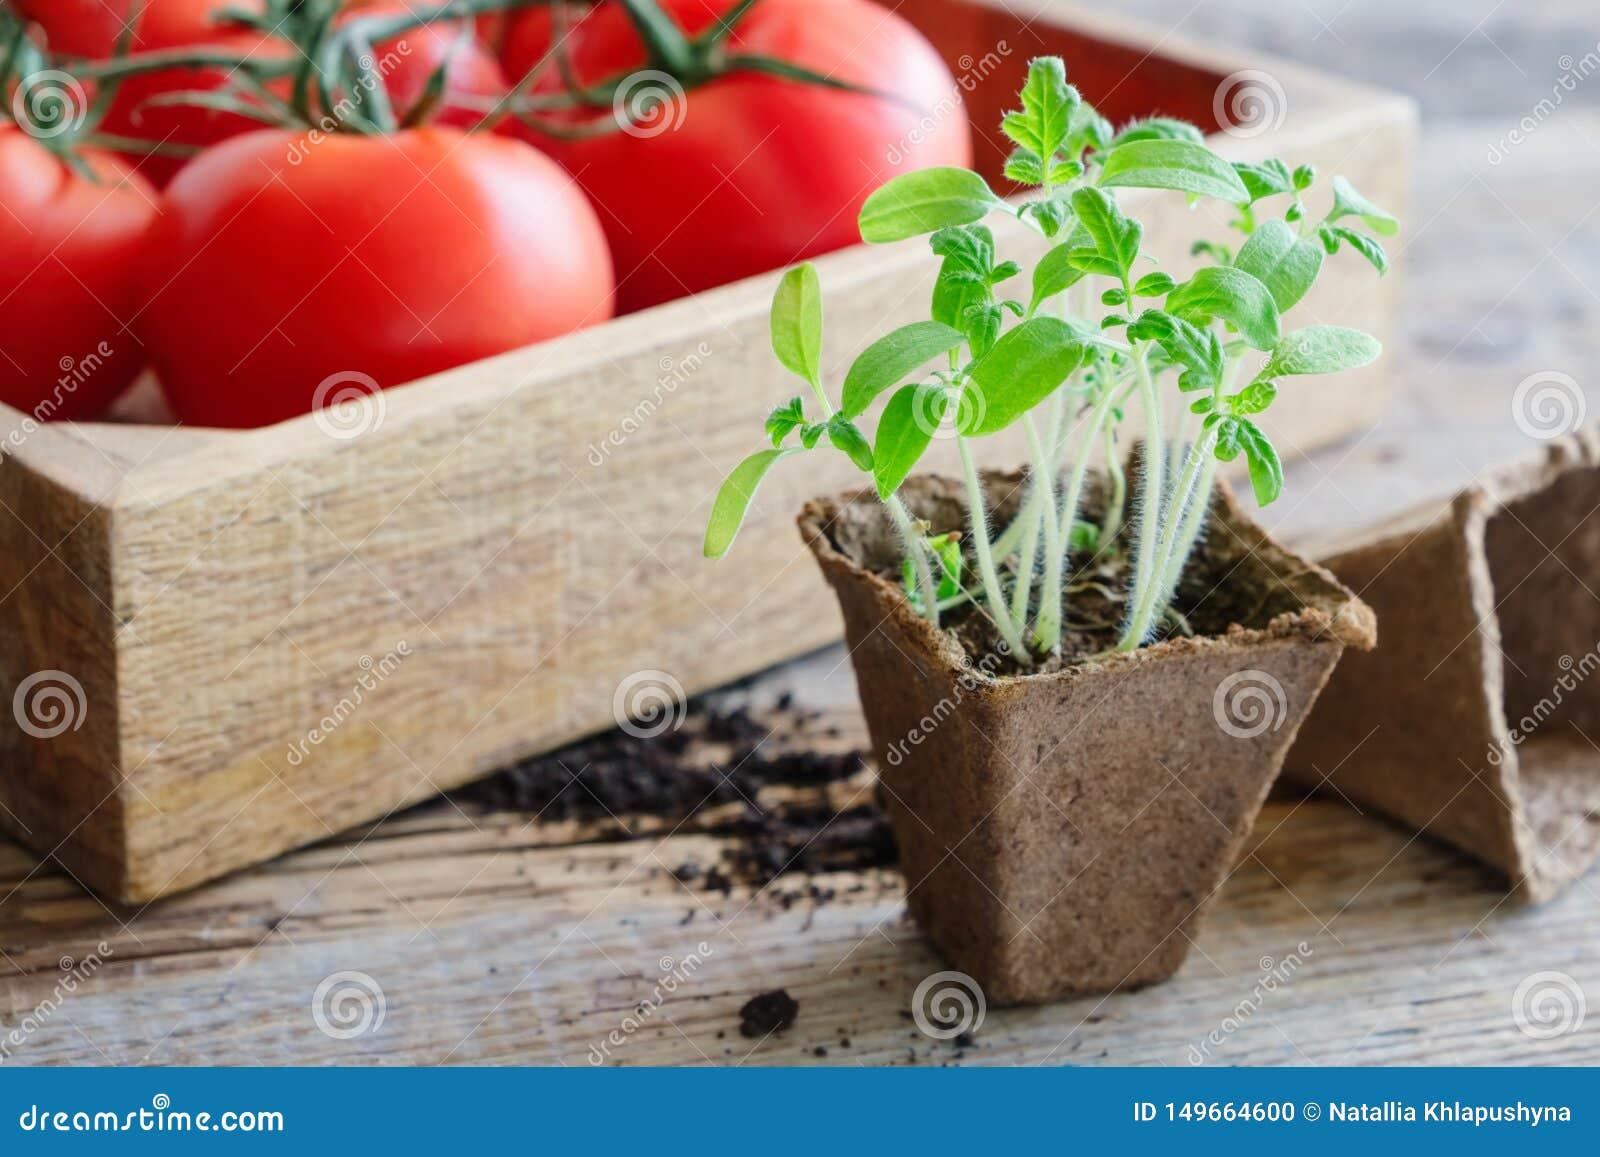 Piantine crescenti verdi dei pomodori e dei pomodori maturi rossi in cassa di legno